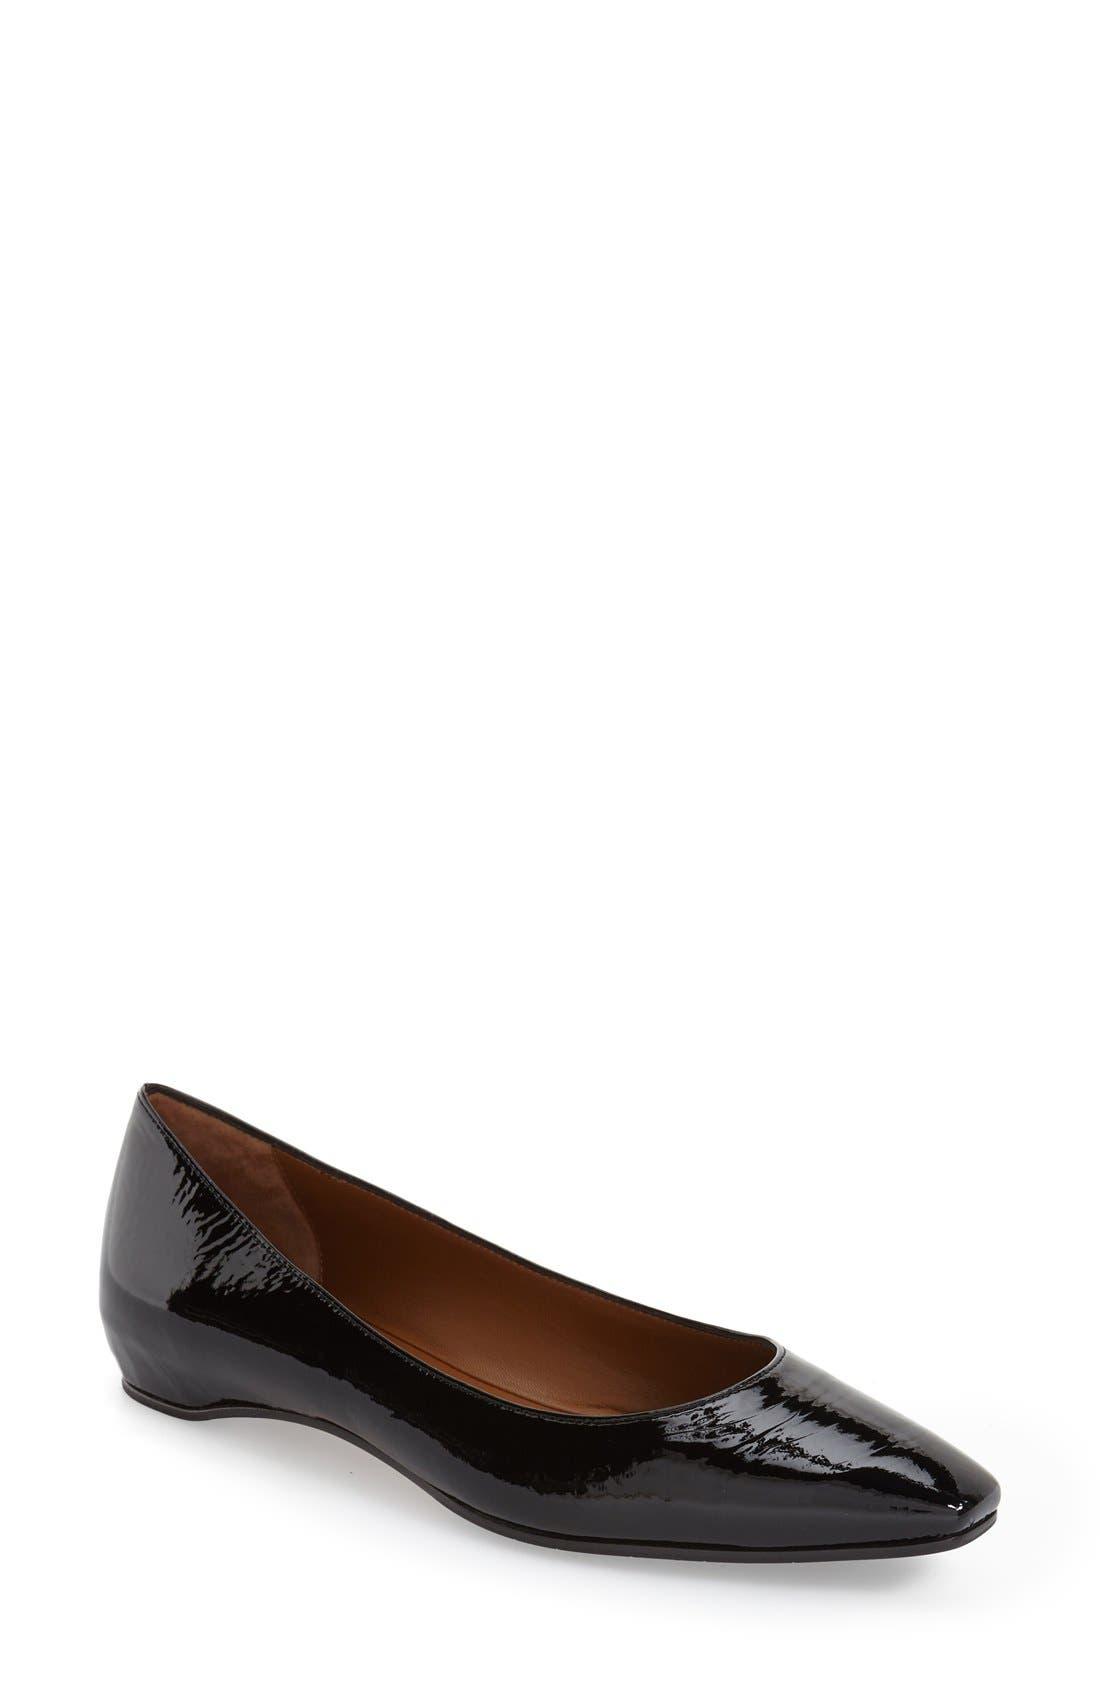 Aquatalia Marcella Weatherproof Leather Flat (Women)